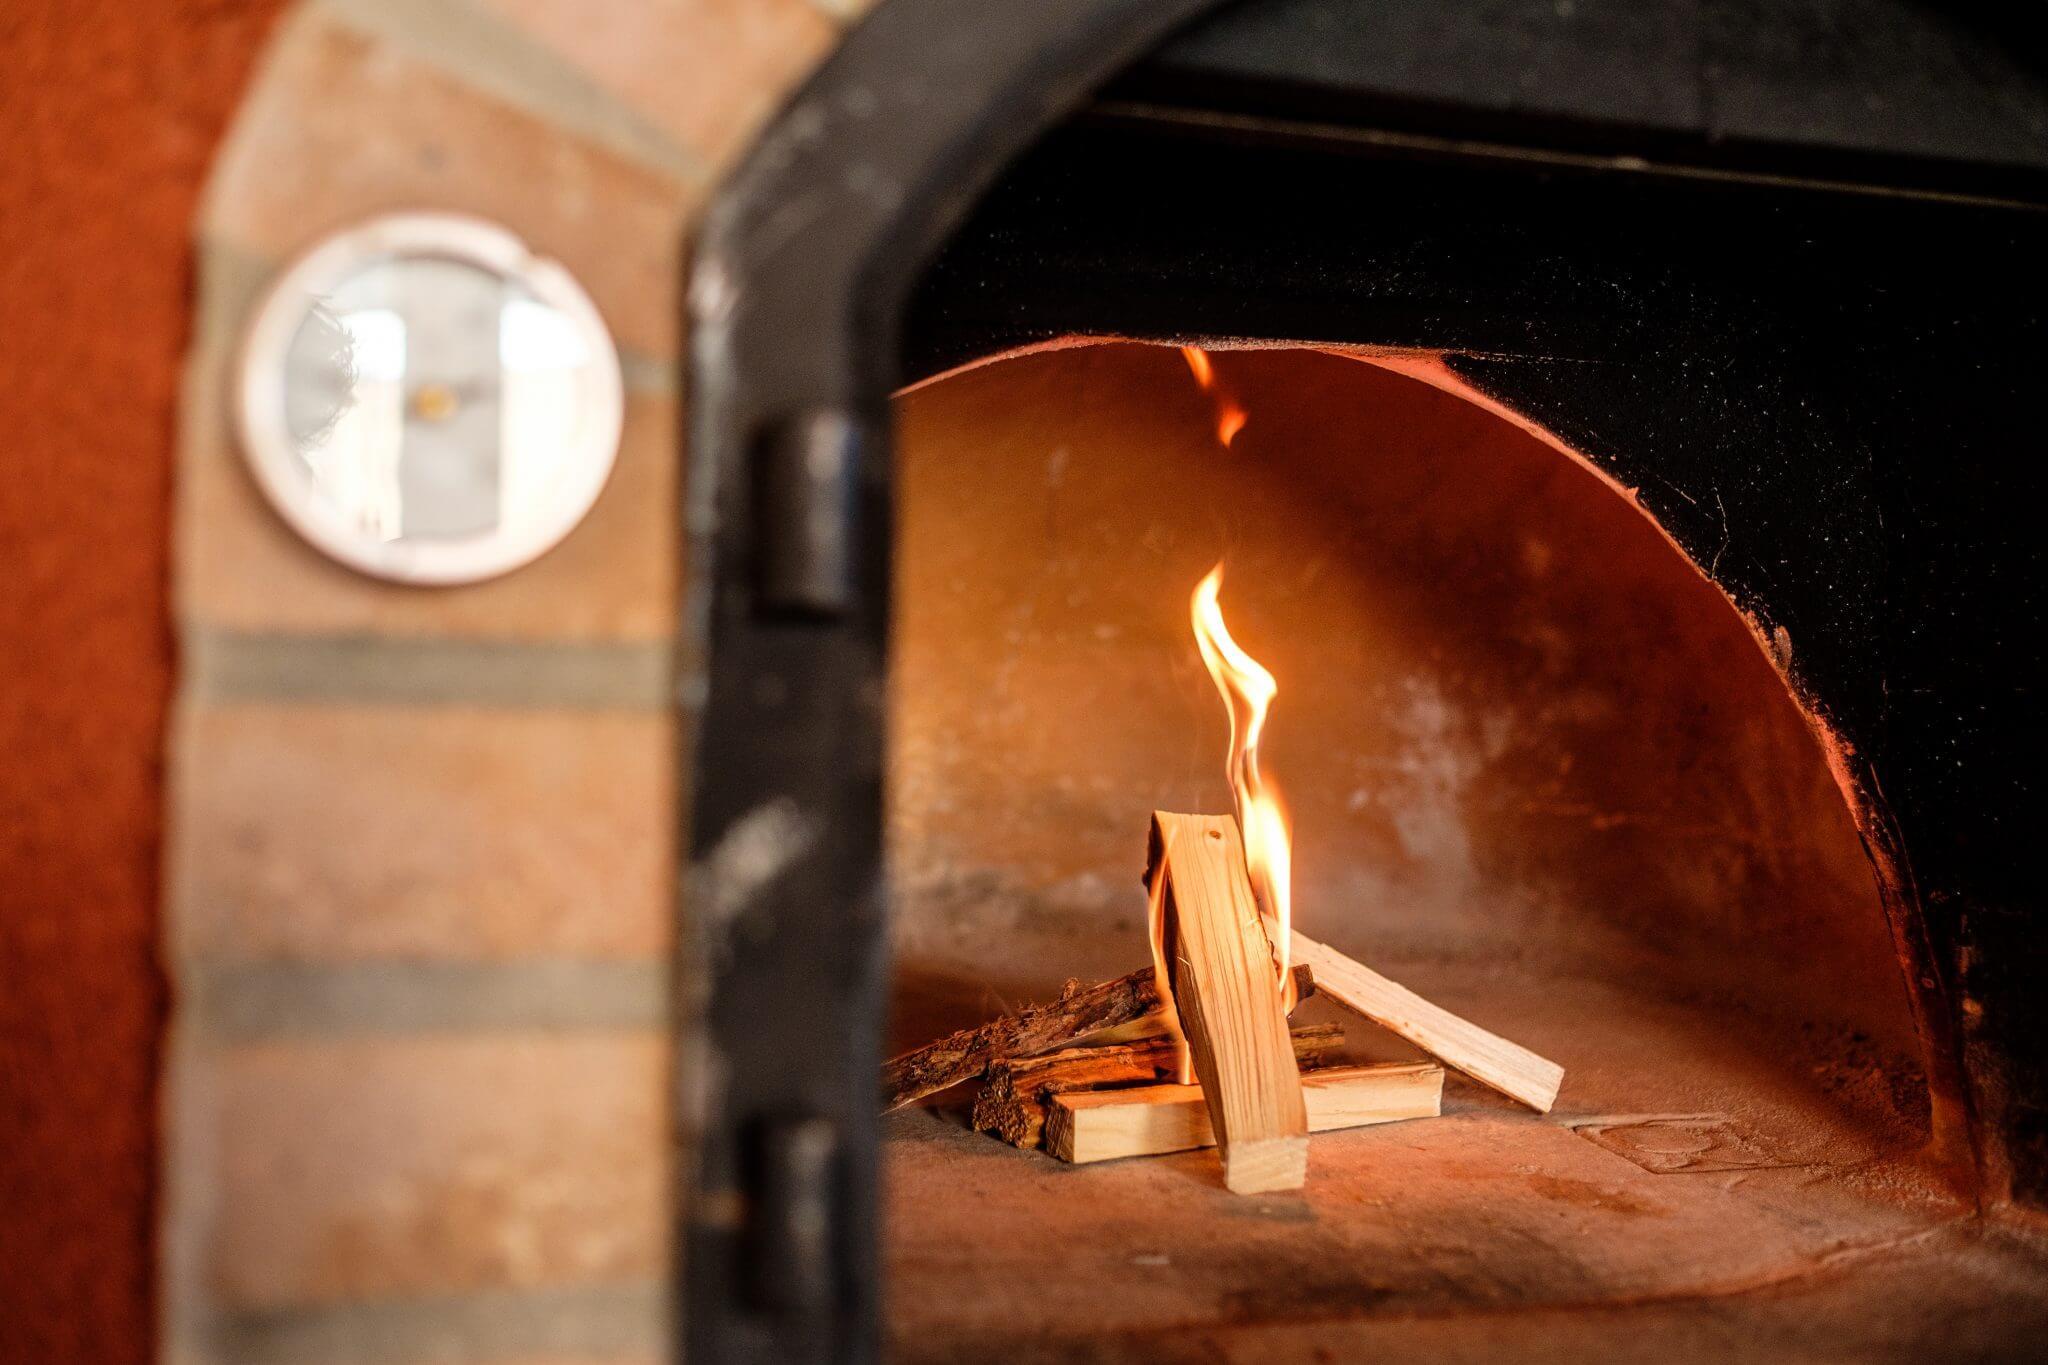 Een pizzaoven aansteken - Pizzahoutoven.eu